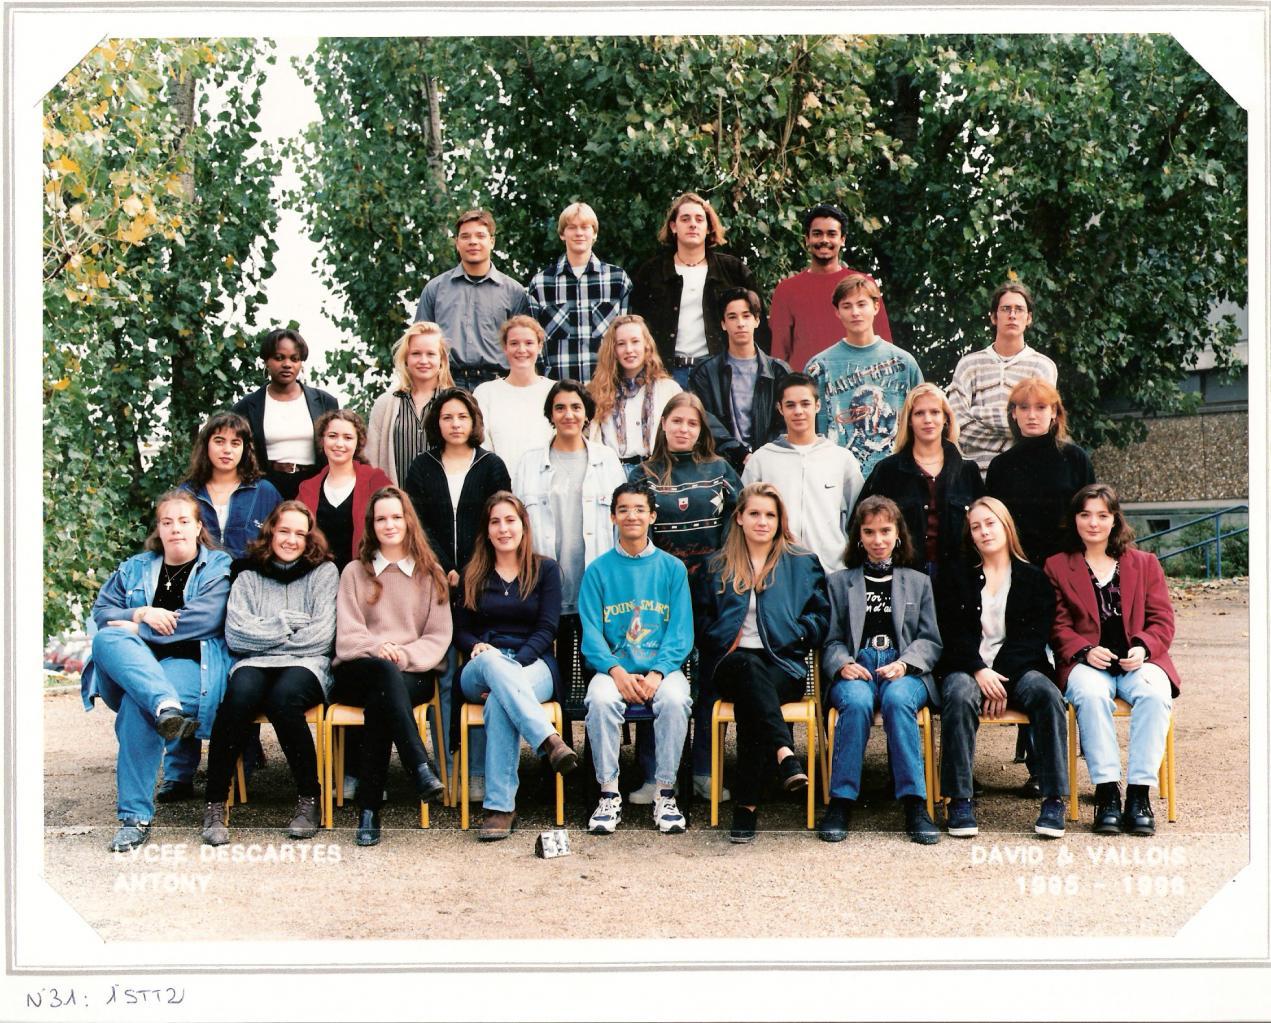 1996 - 1STT2